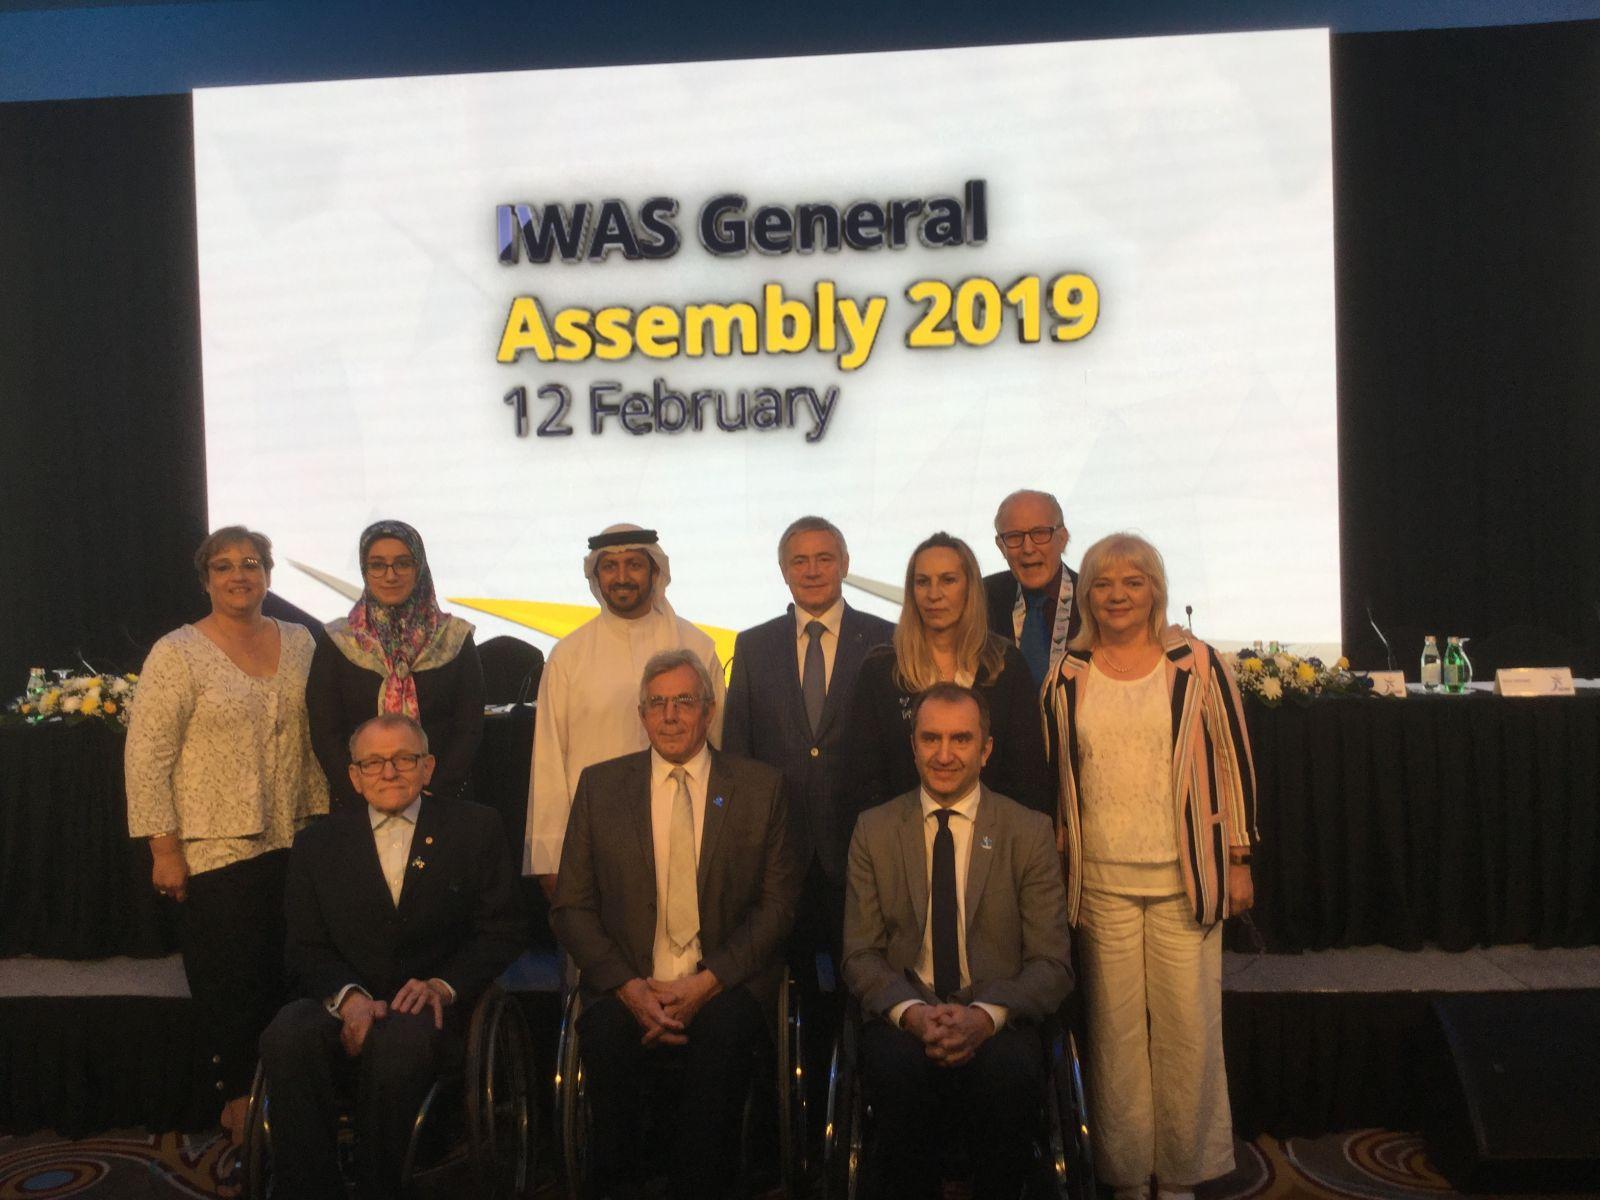 ТАСС: П.А. Рожков: Всемирные игры IWAS 2021 года могут пройти в России